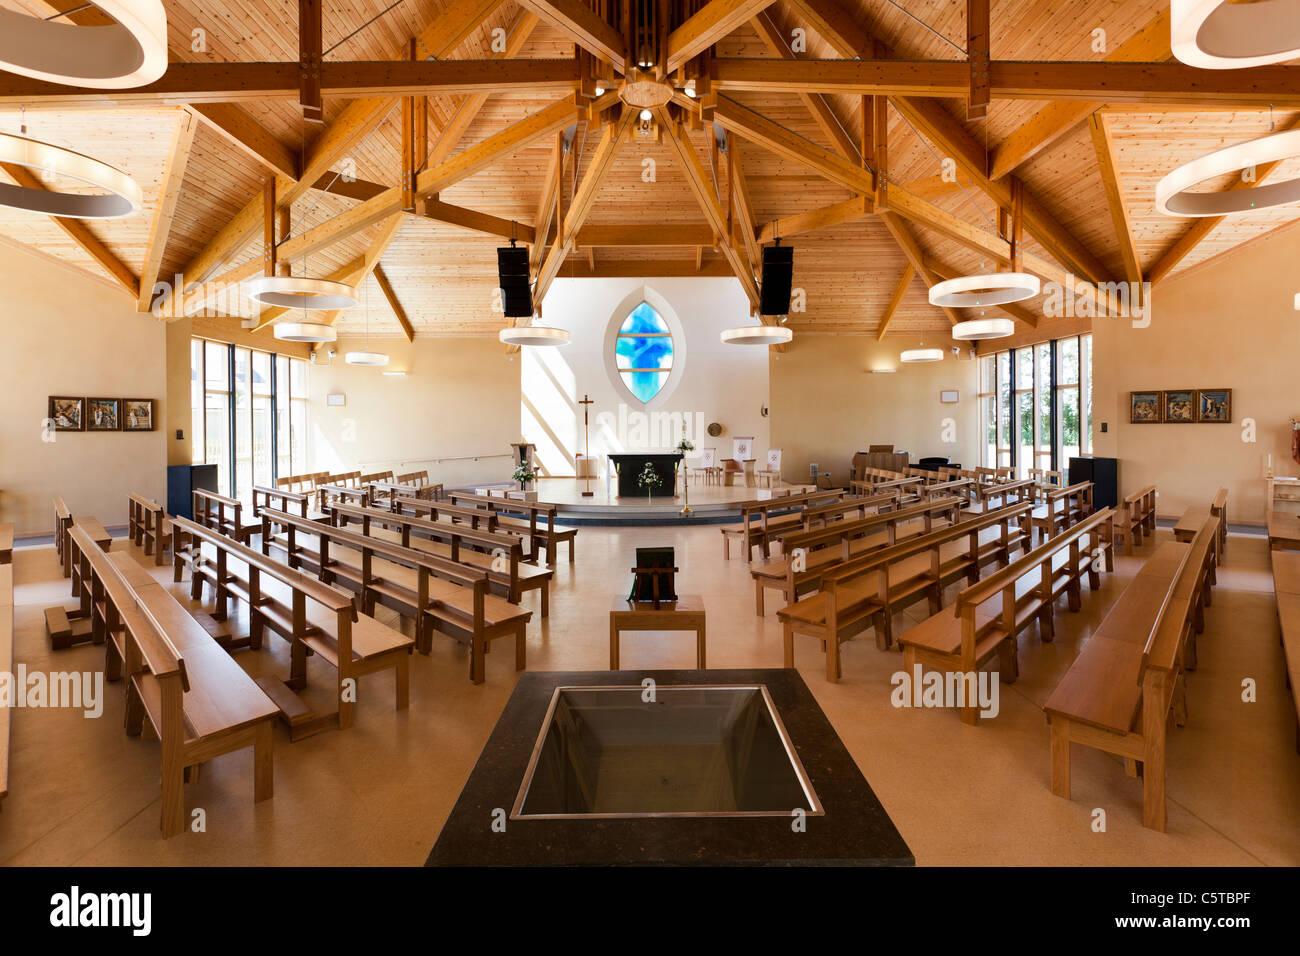 Foto Di Soffitti Con Travi In Legno : Interno di una chiesa moderno con soffitto con travi in legno a